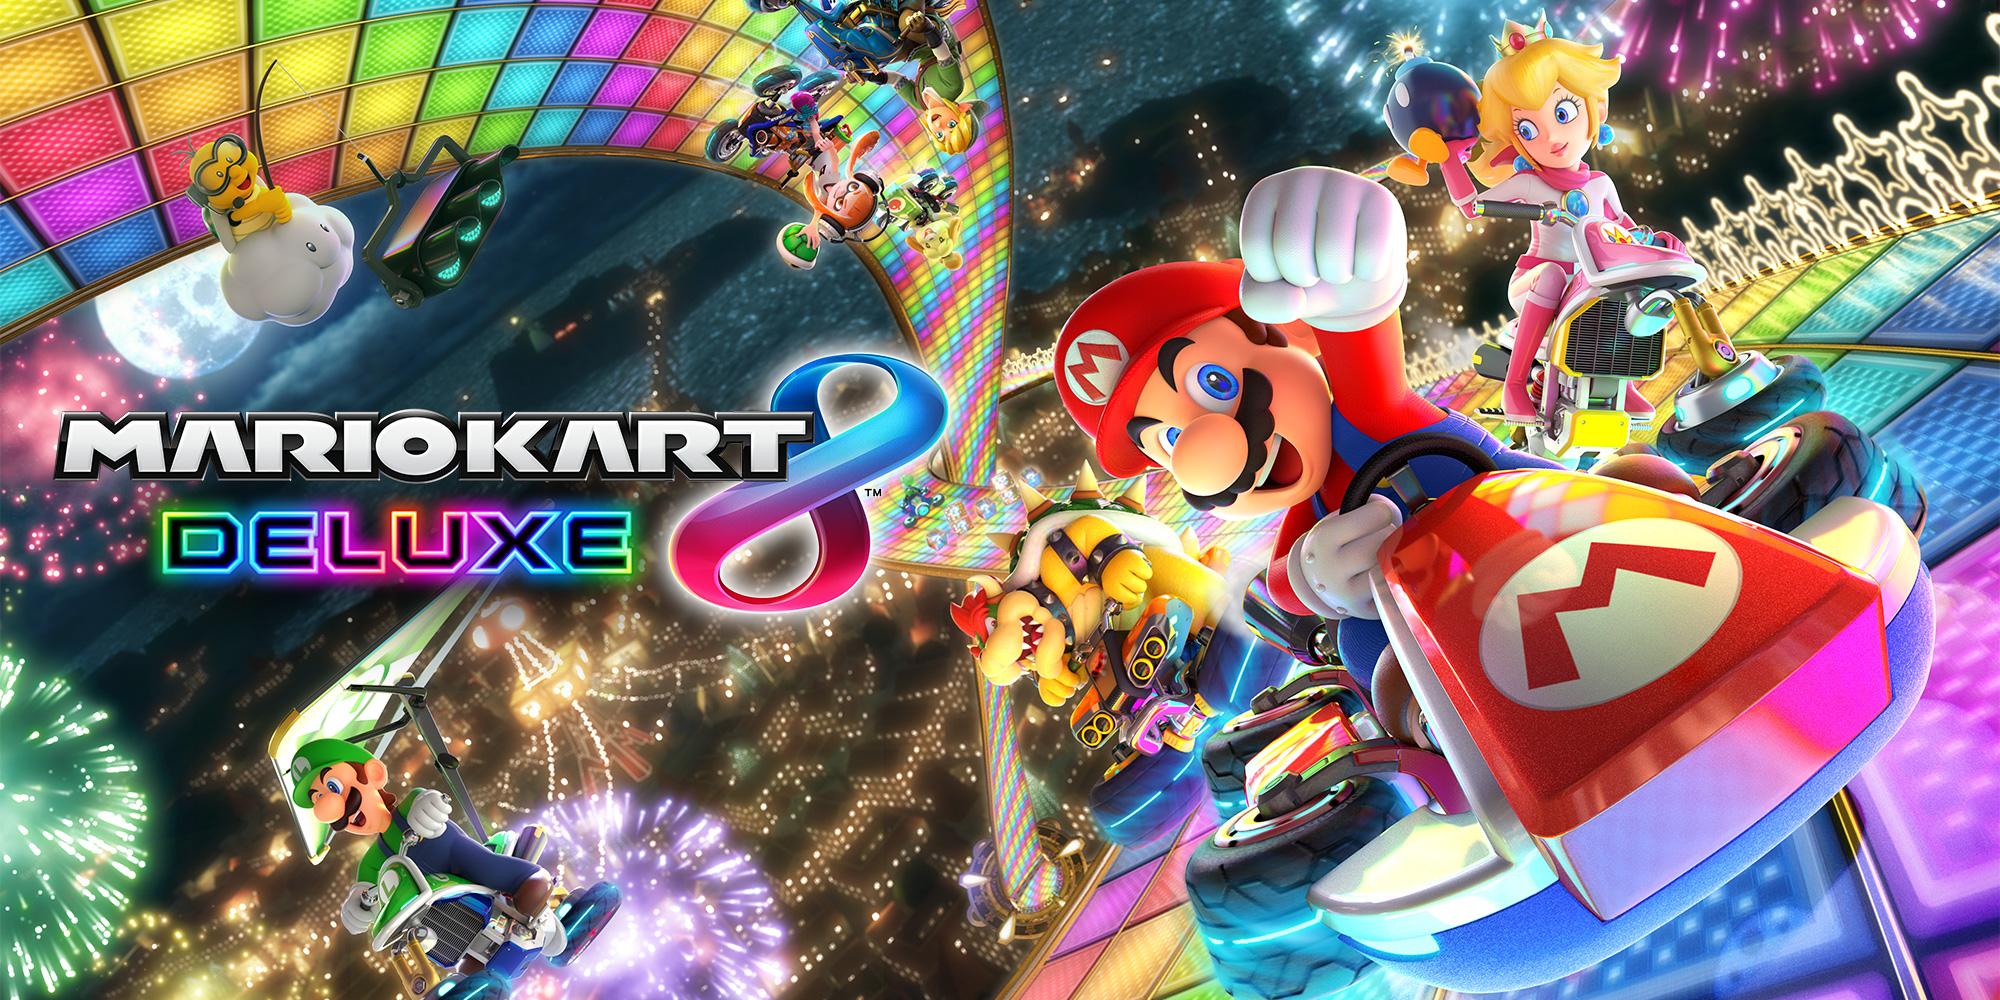 Mario Kart 8 Deluxe es el más vendido de la semana en Reino Unido